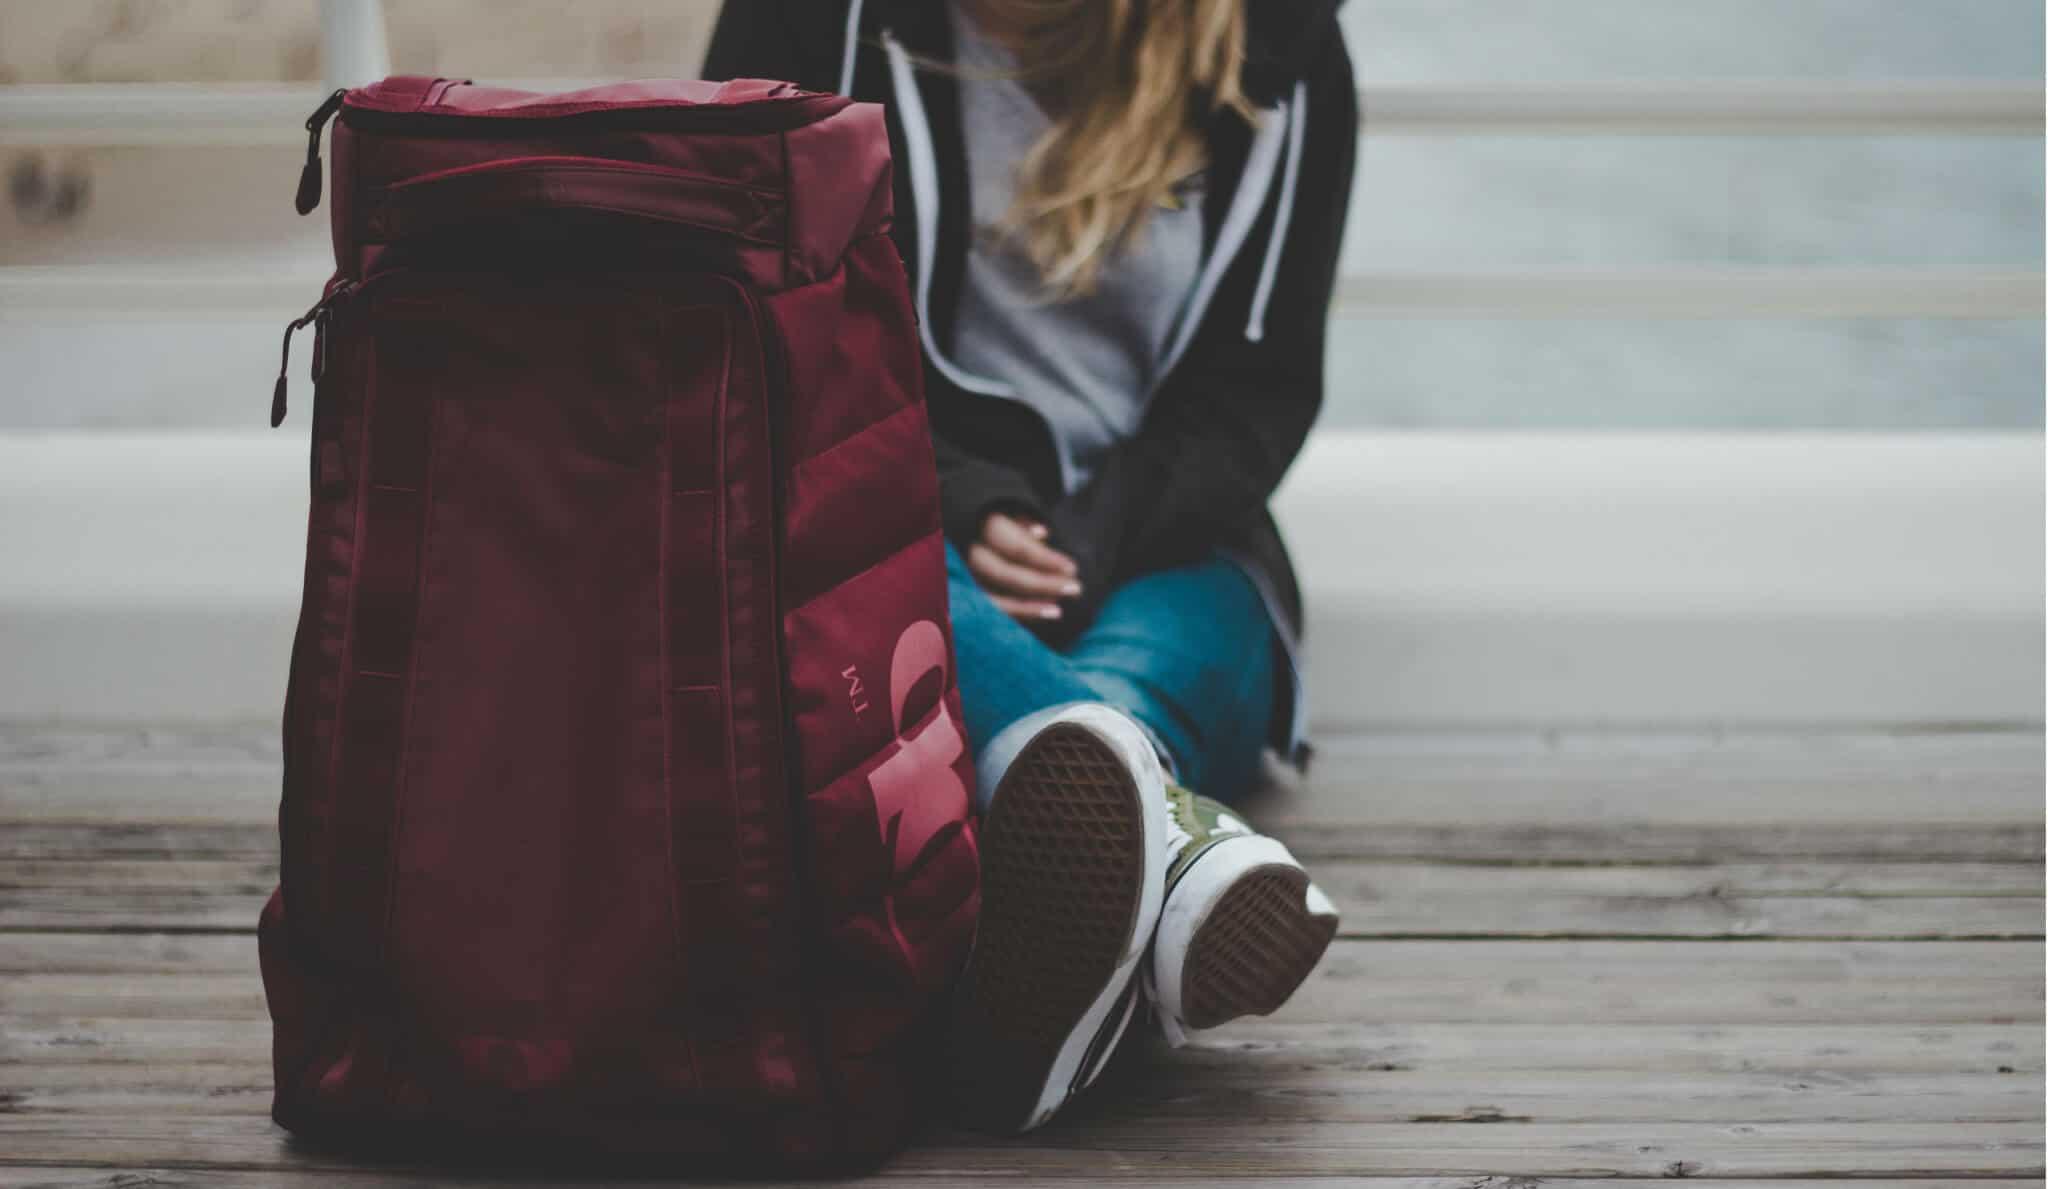 rapariga estudante com uma mochila de viagem vermelha